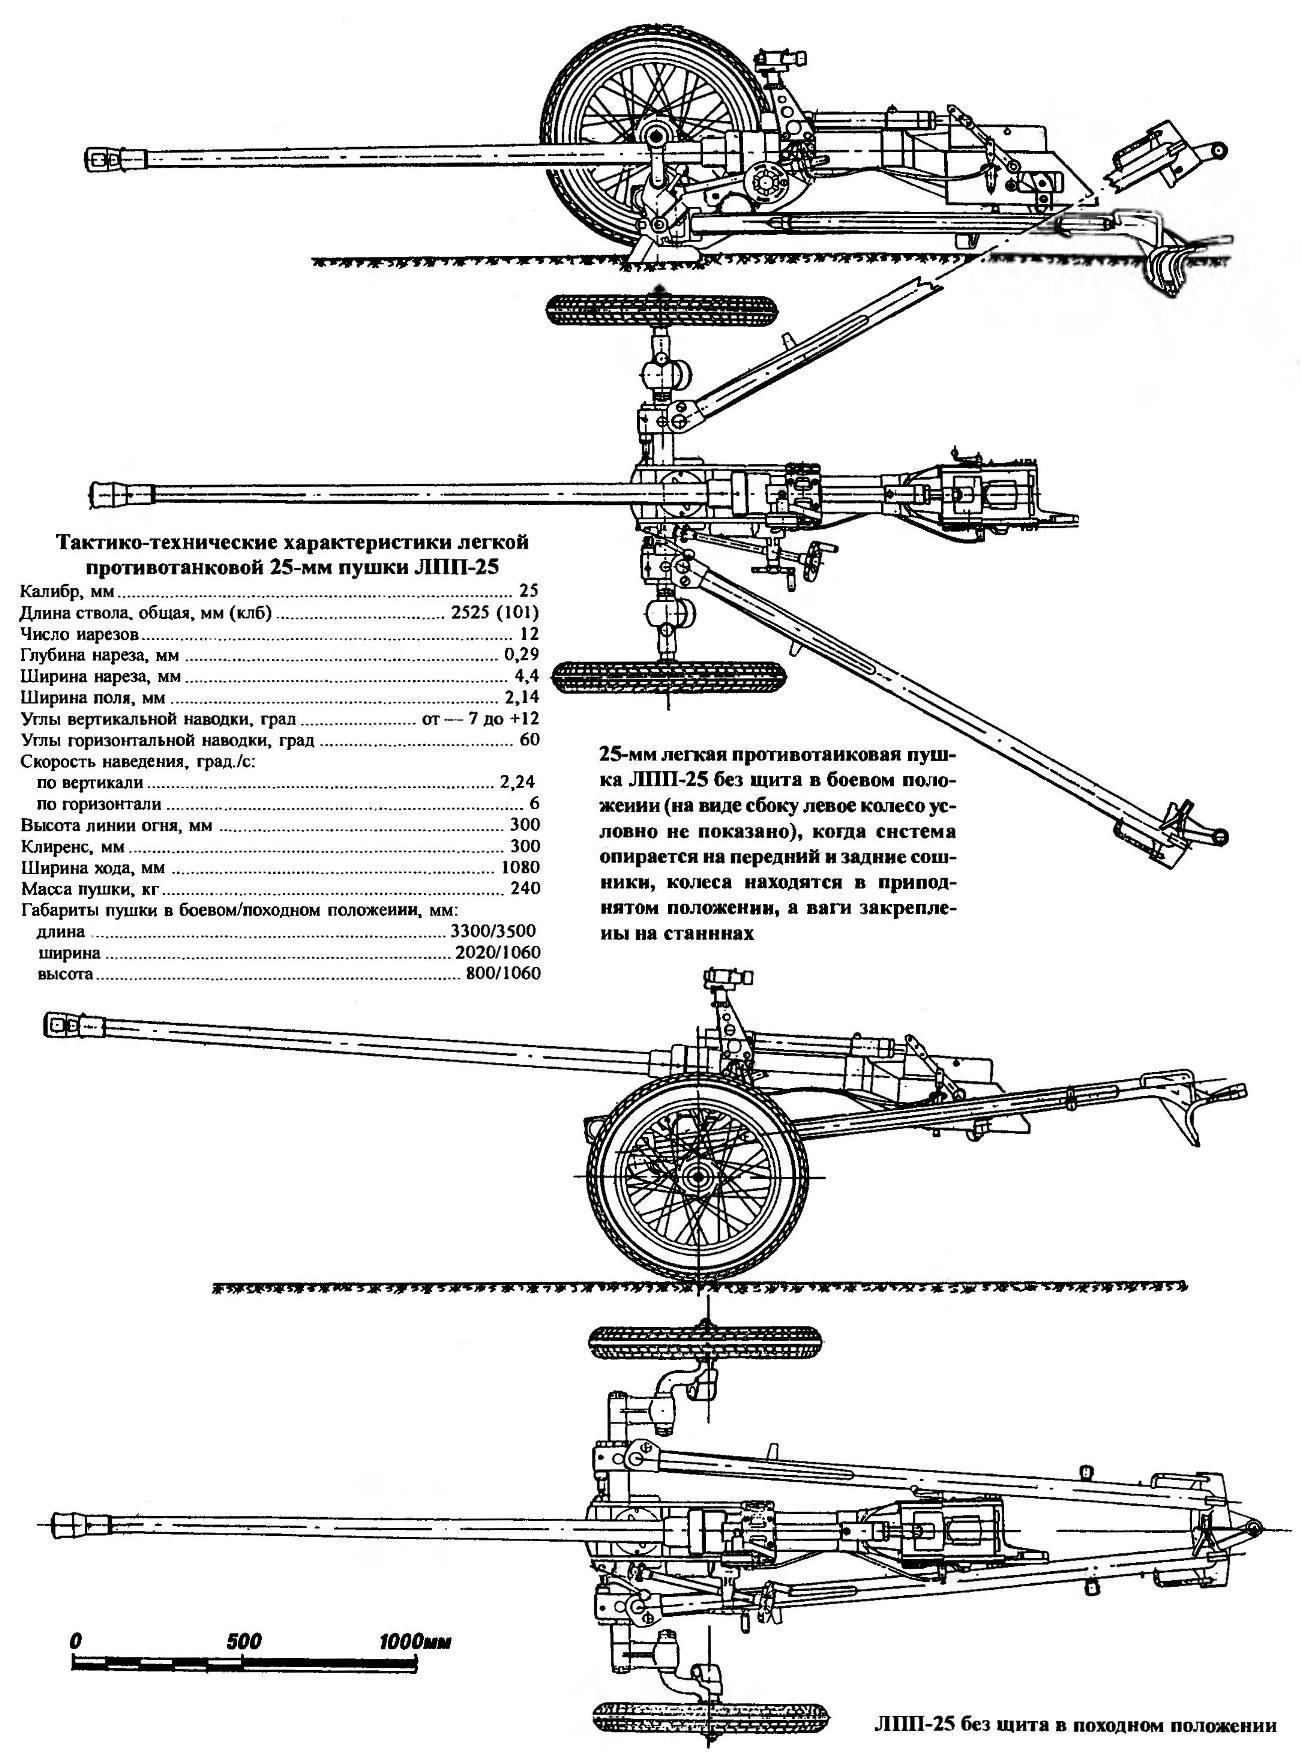 LPP-25